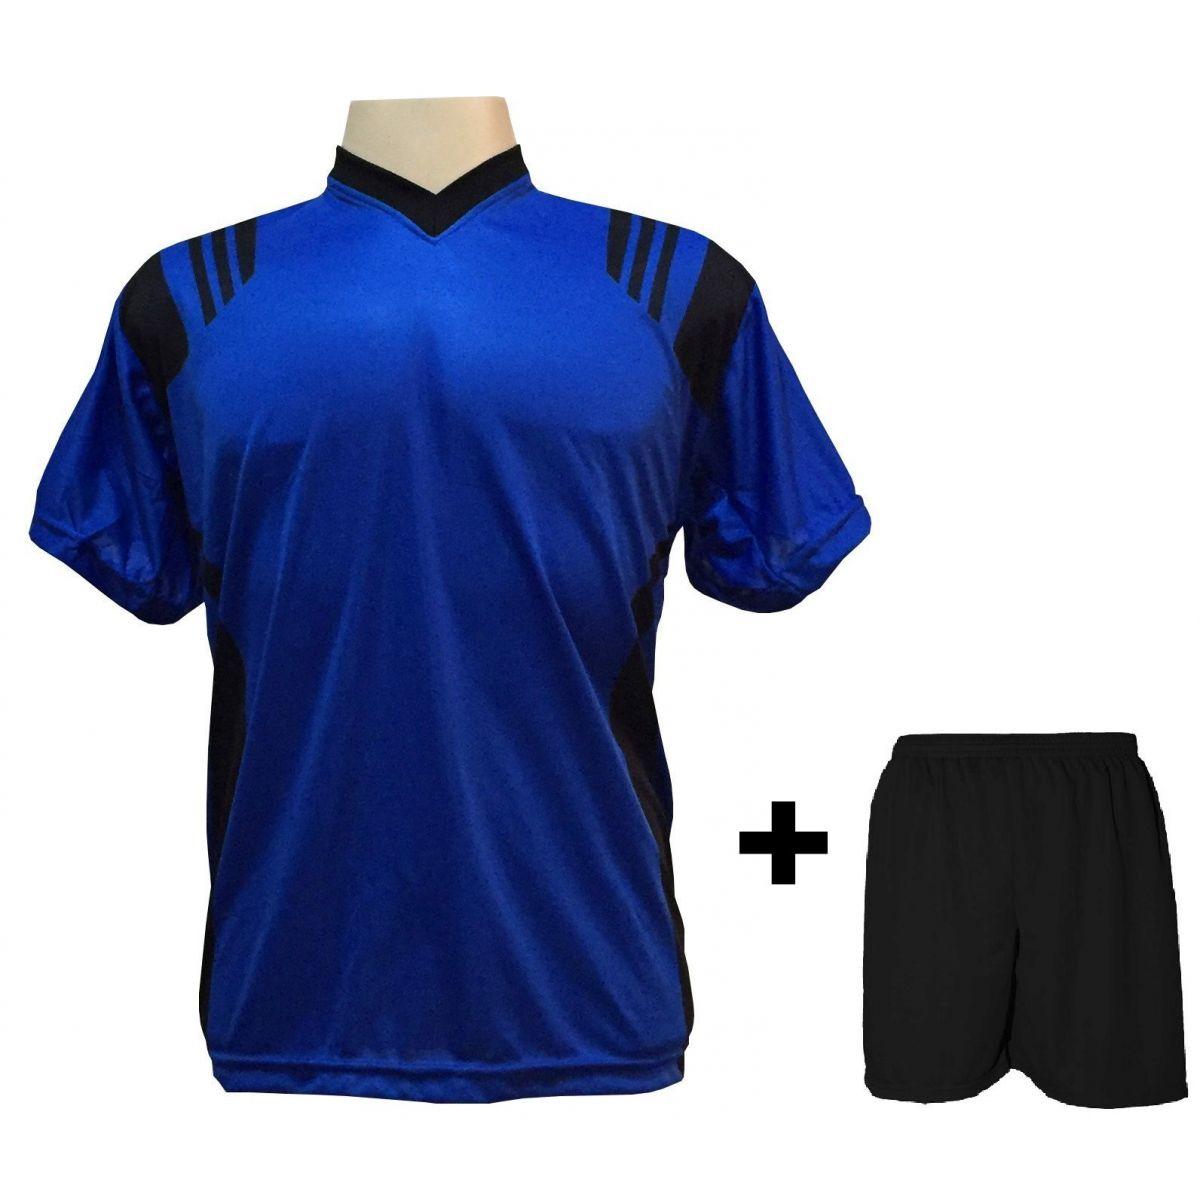 Uniforme Esportivo com 12 Camisas modelo Roma Royal/Preto + 12 Calções modelo Madrid Preto